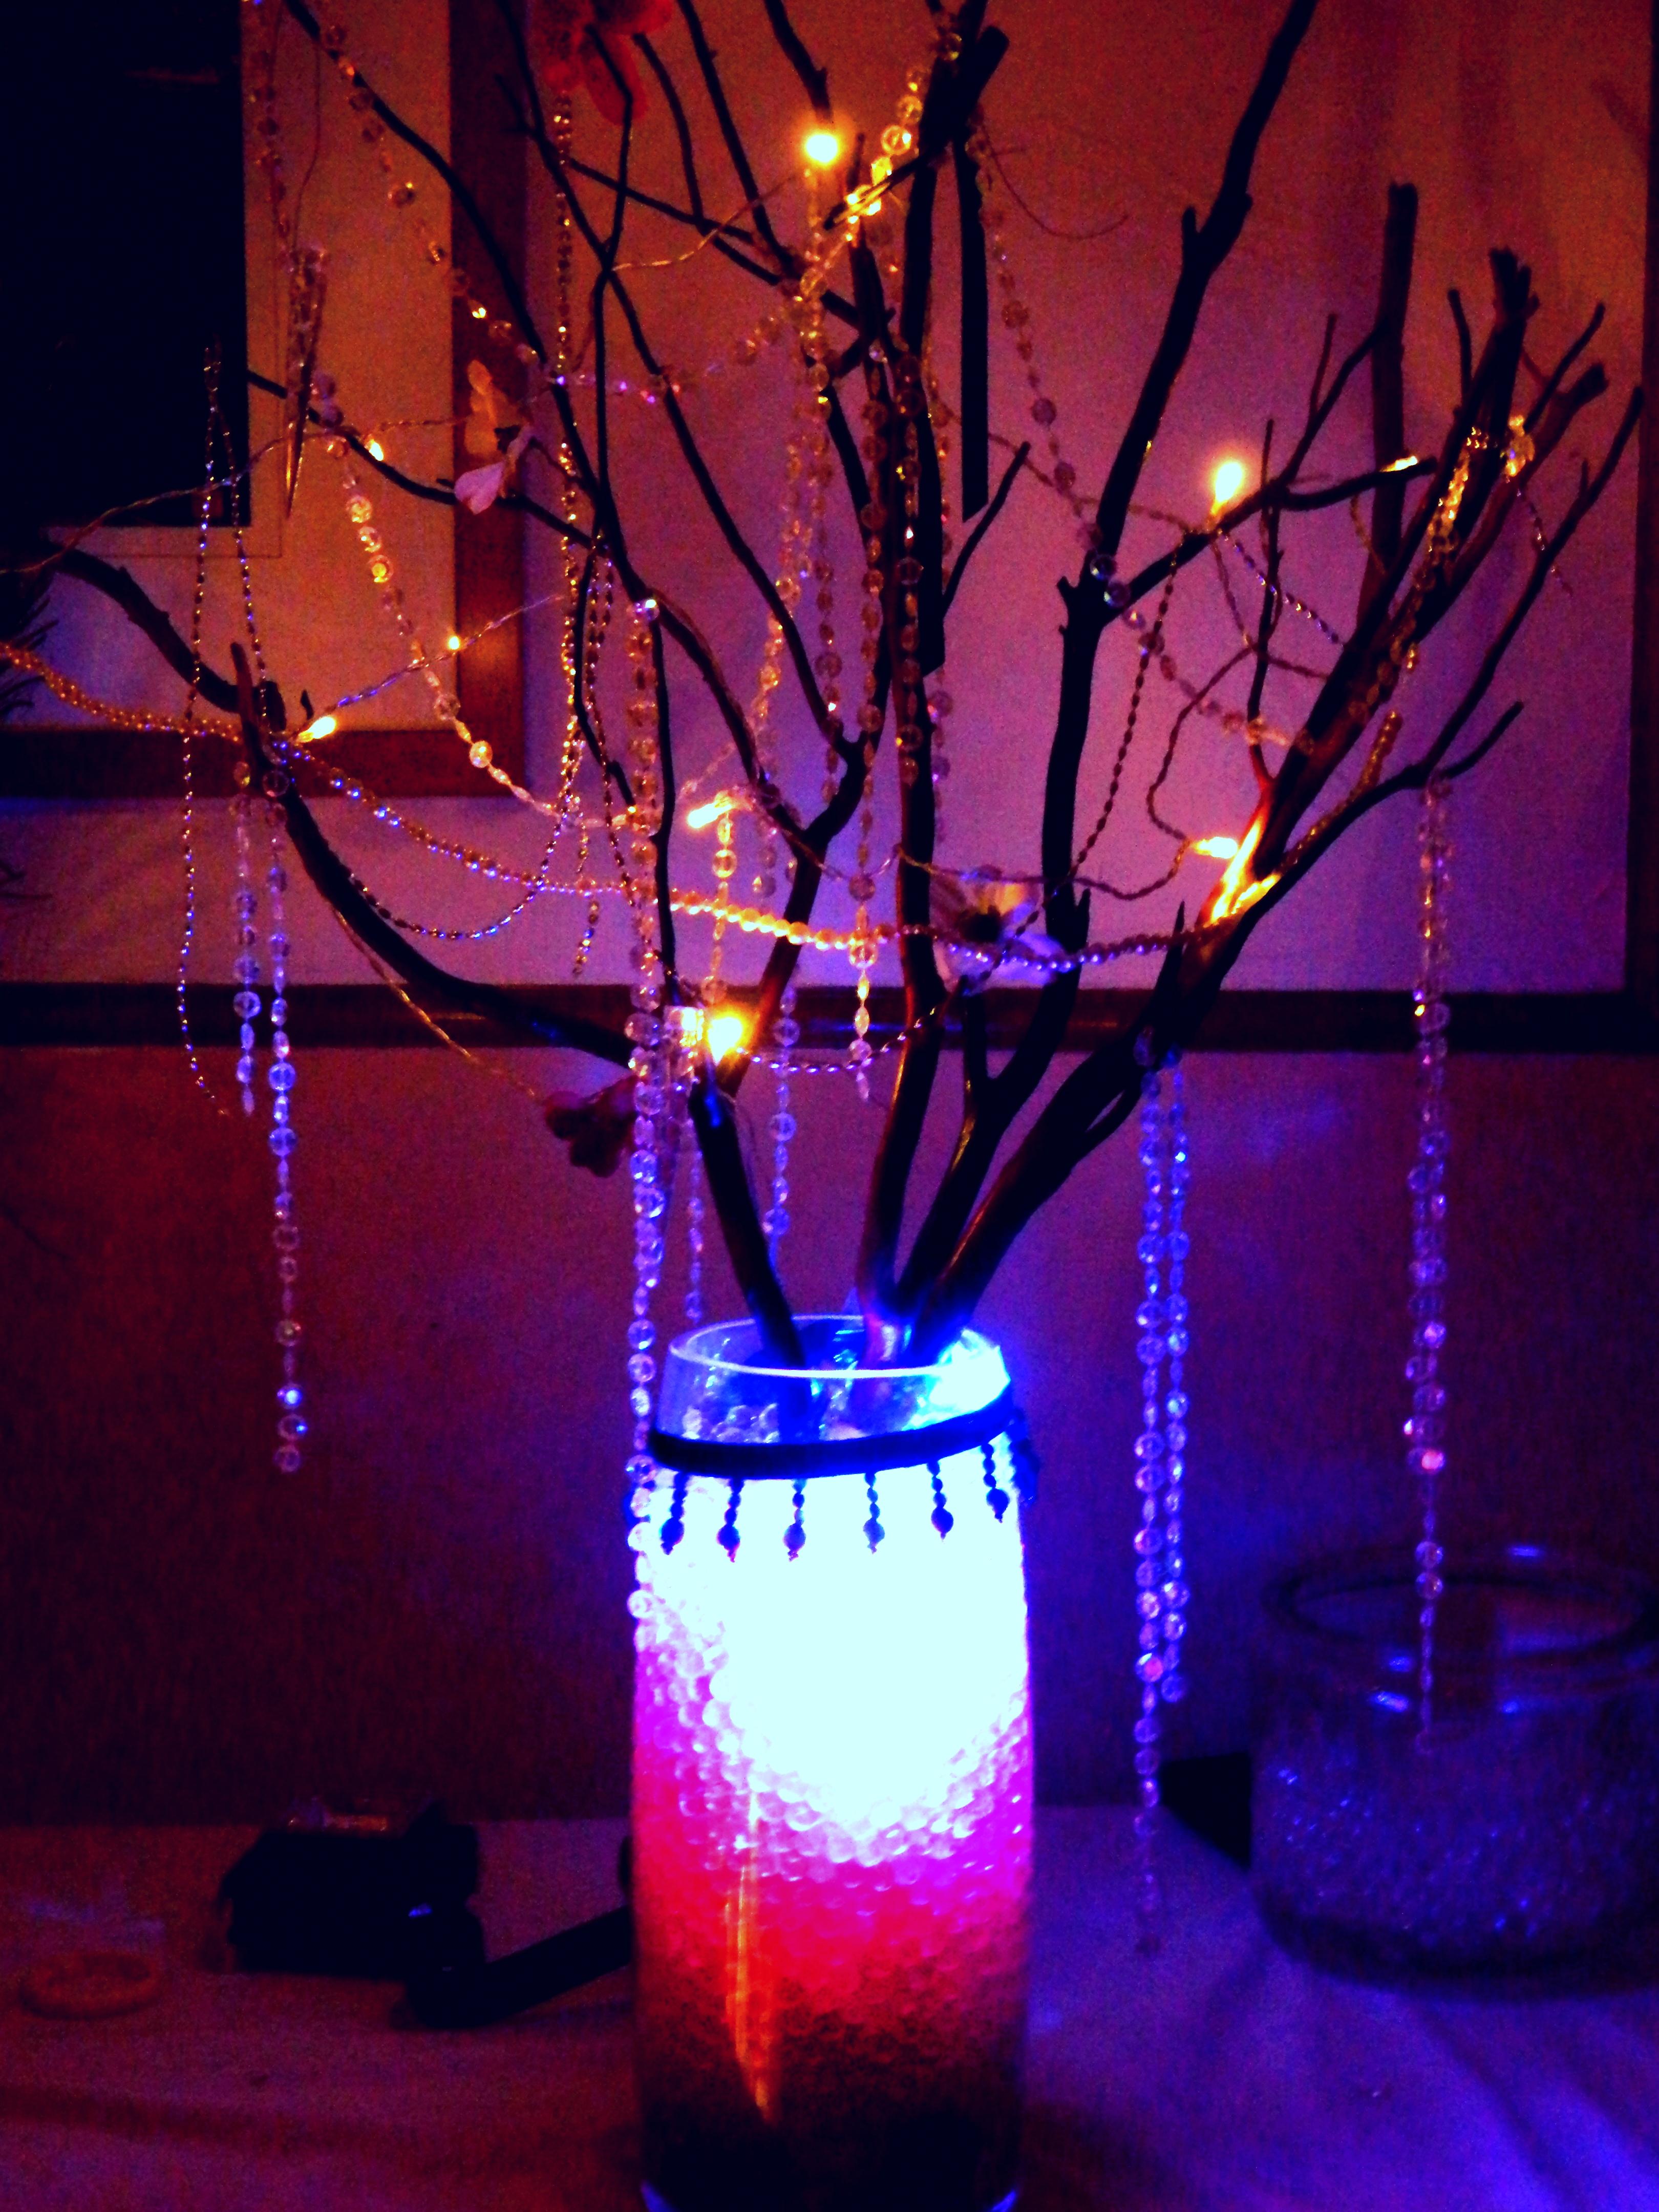 LightedDIY wedding : Crystal Manazanita (wishing) wedding tree